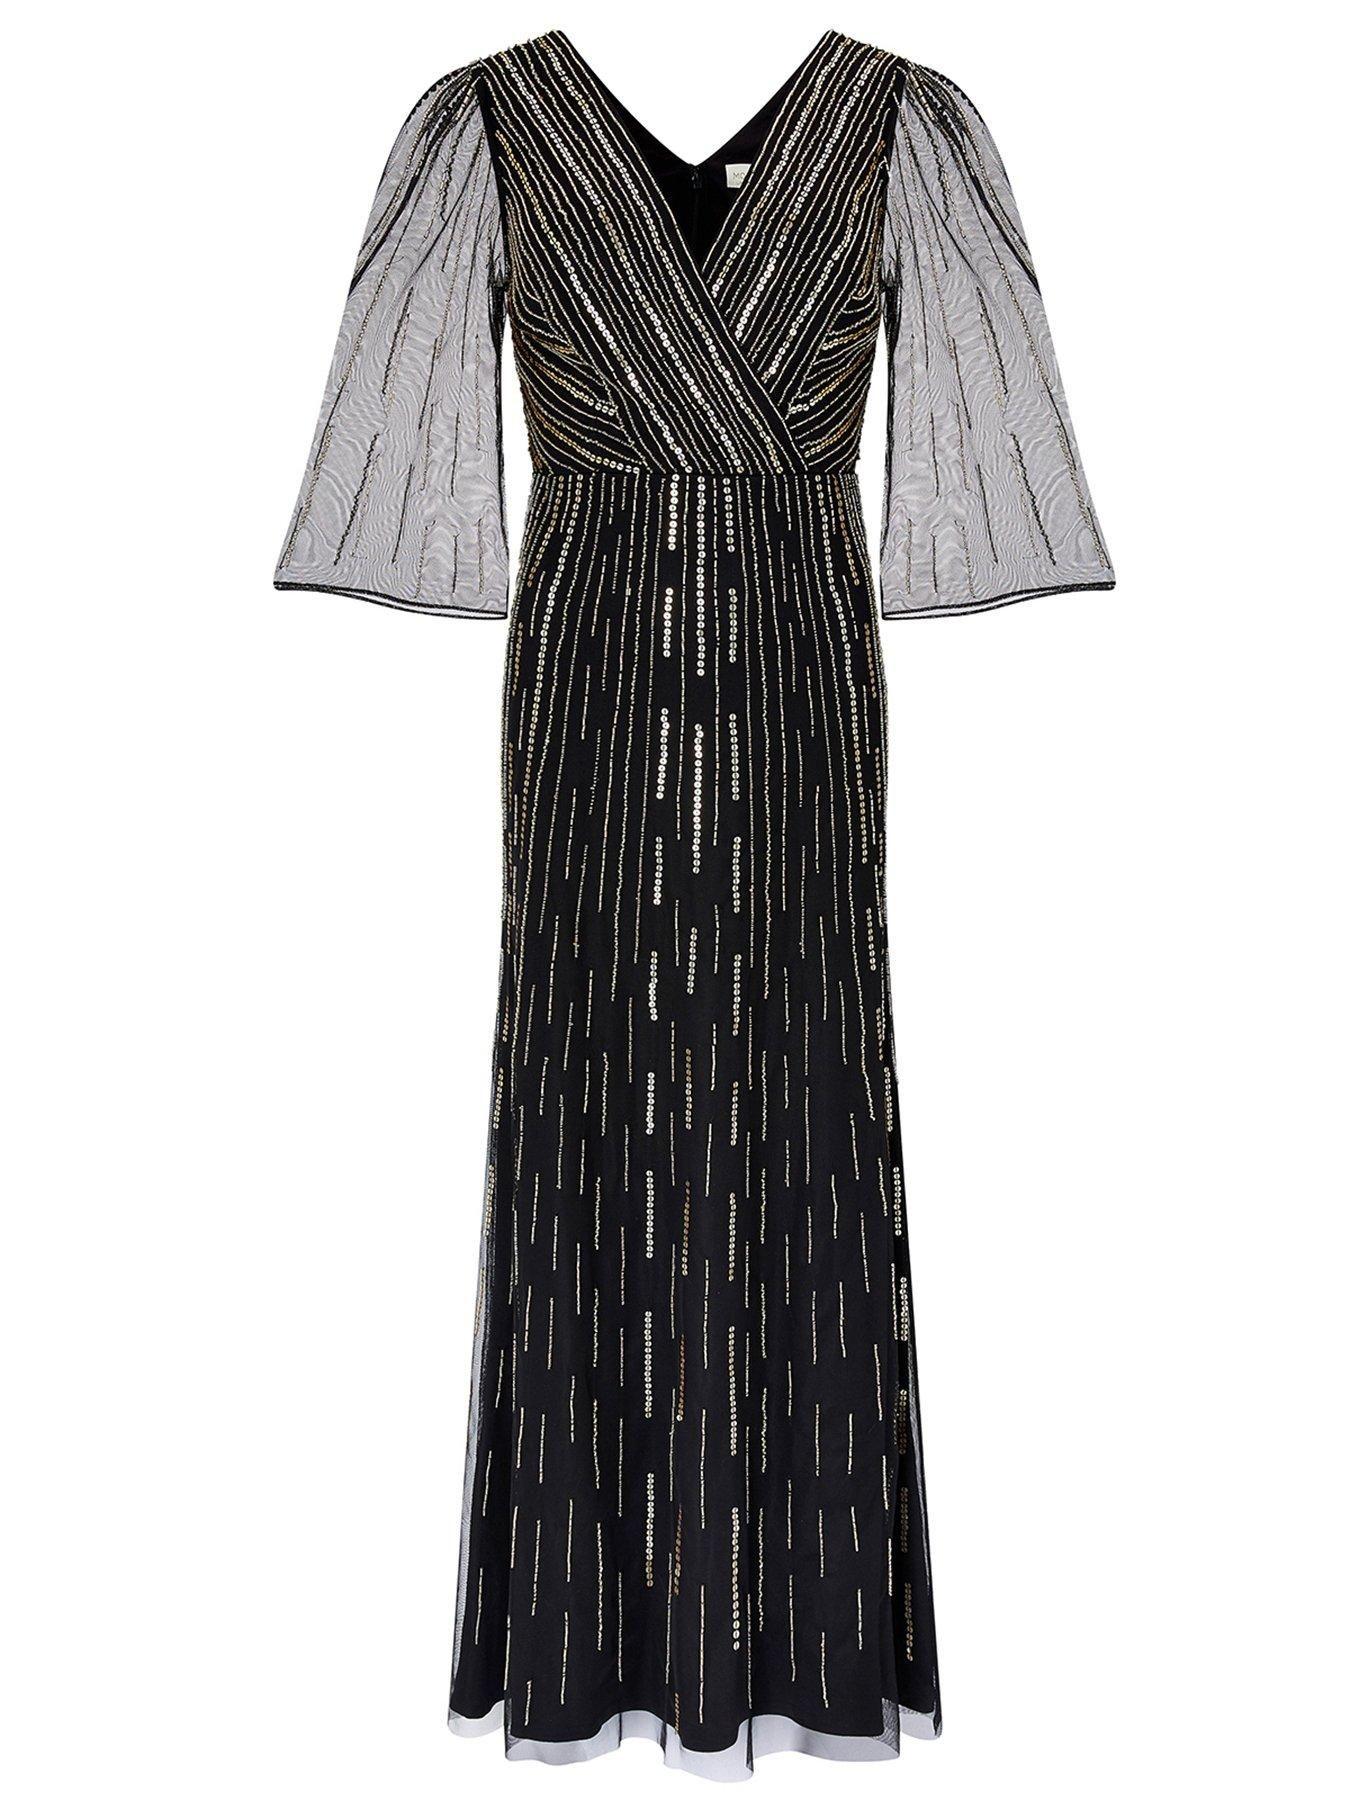 Lizzie Linear Embellished Maxi Dress - Black #blackmaxidress